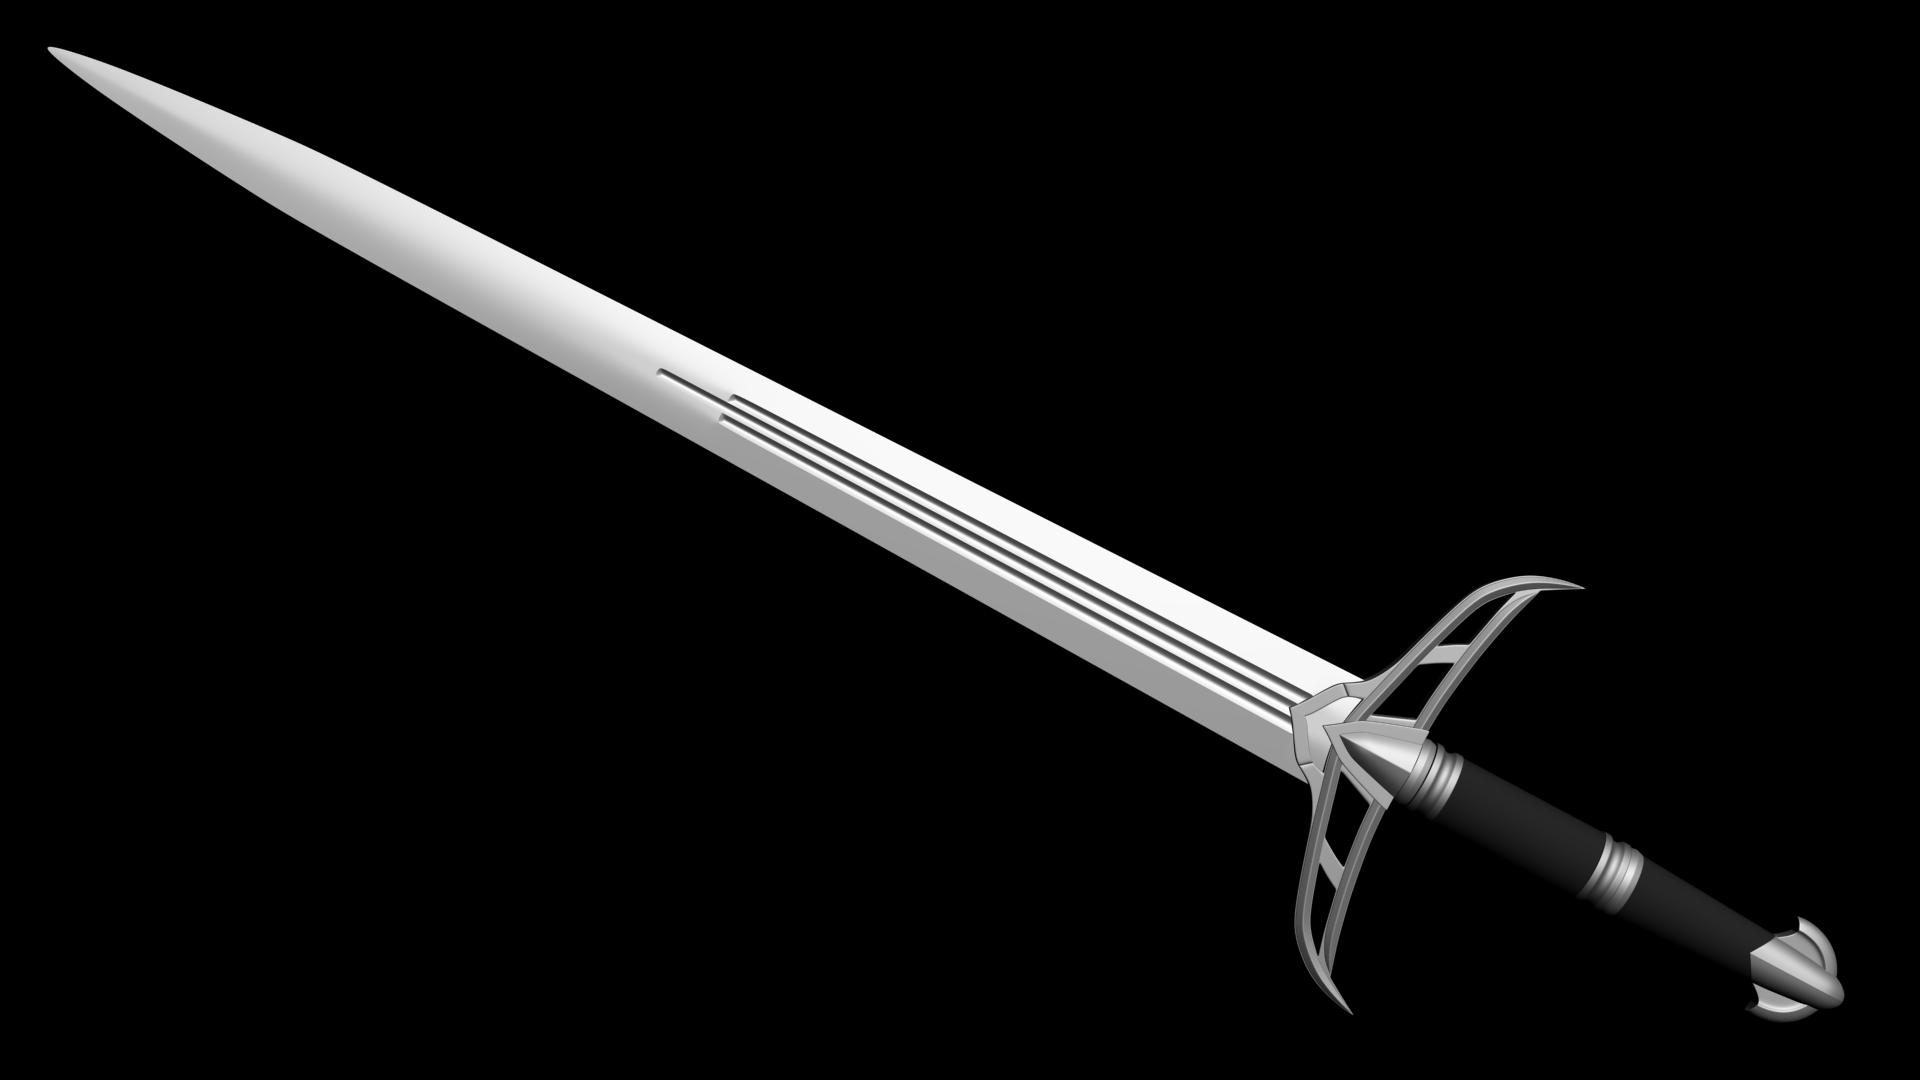 PNG Sword - 57703